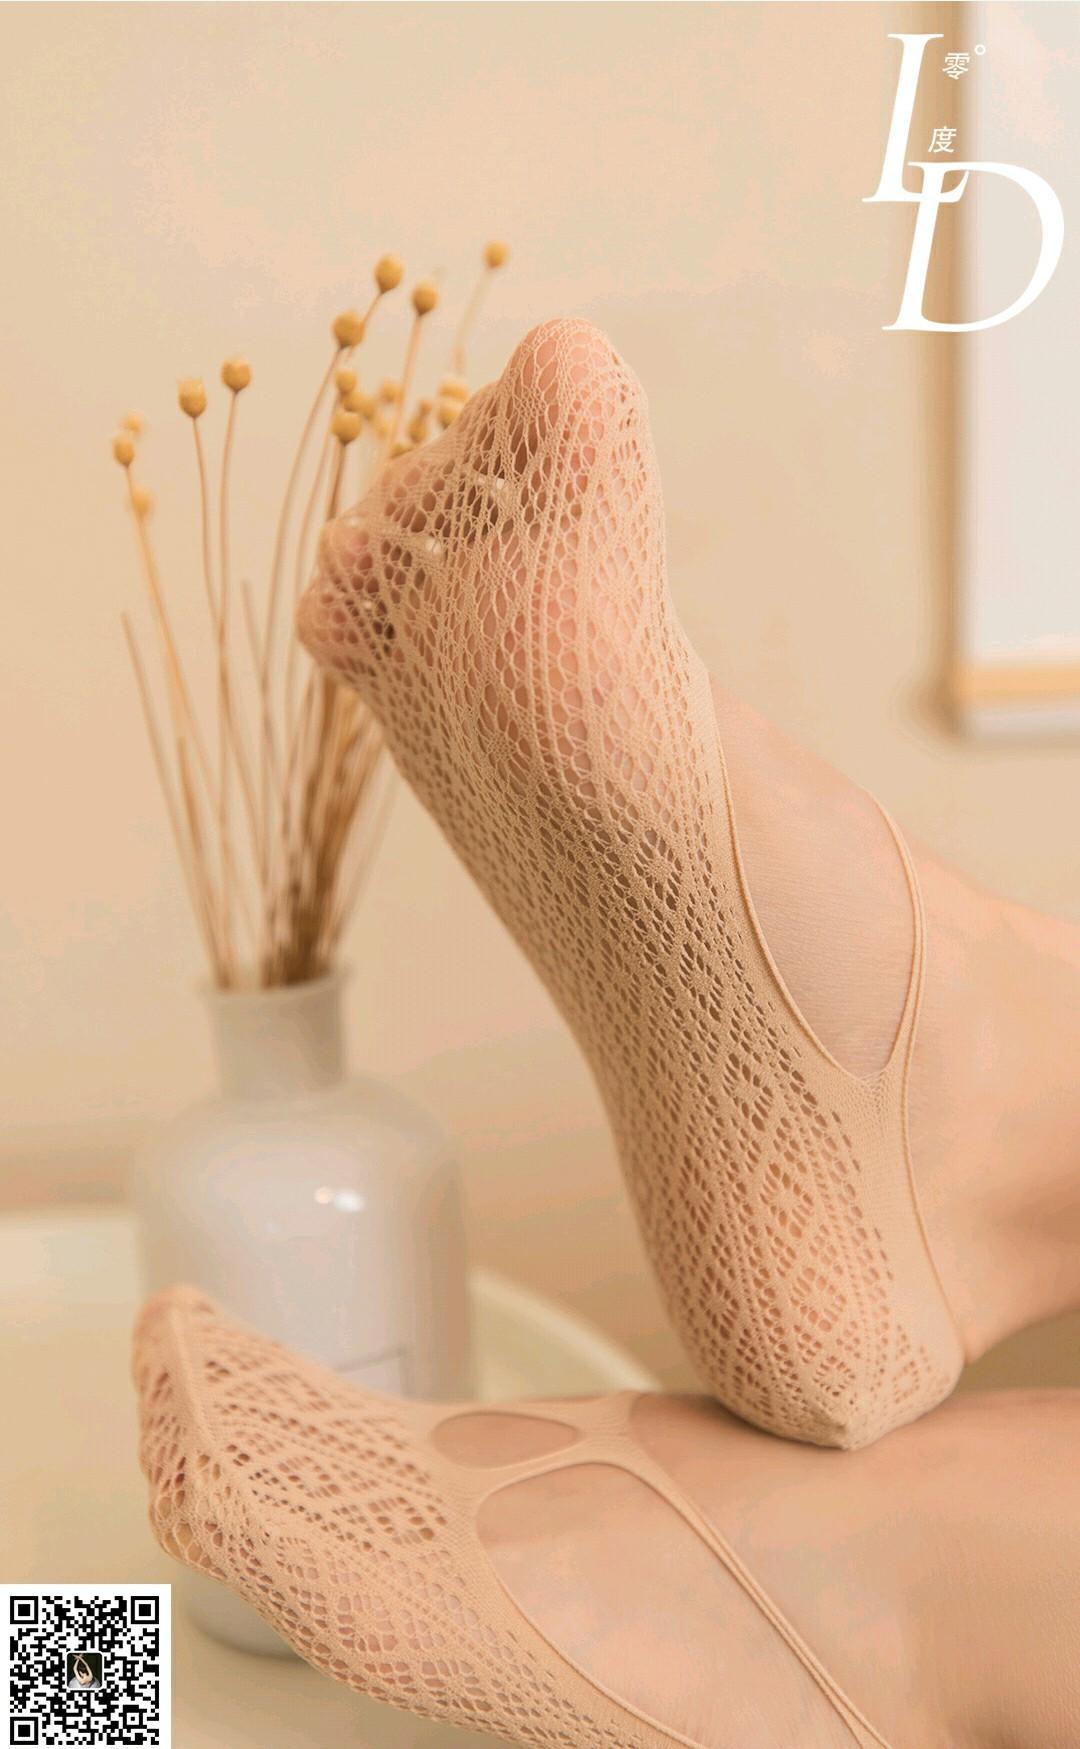 [LD零度摄影] 第60期 一含的船袜 第3张